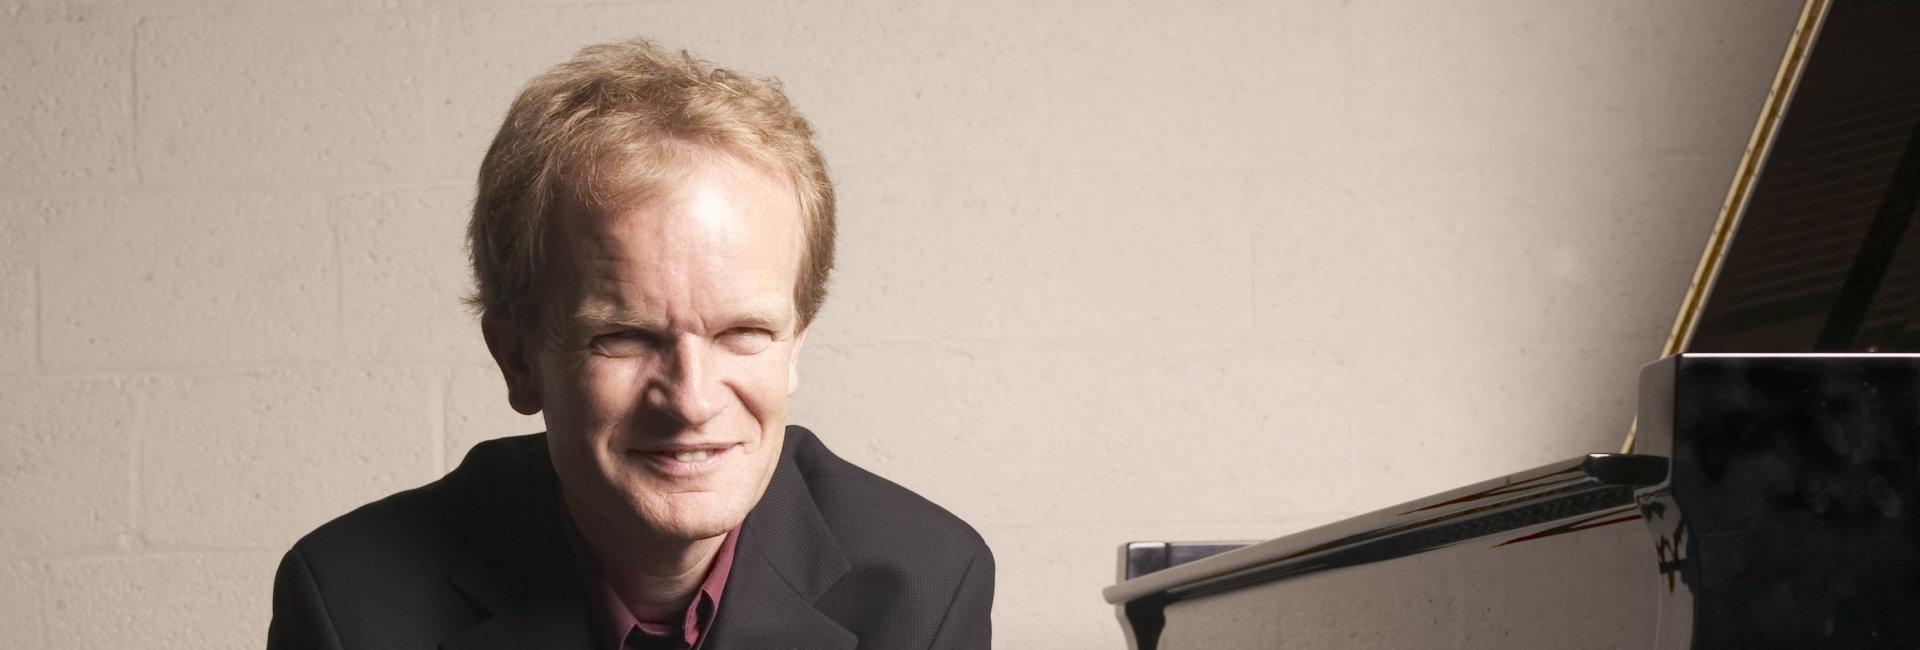 Bert van den Brink, piano